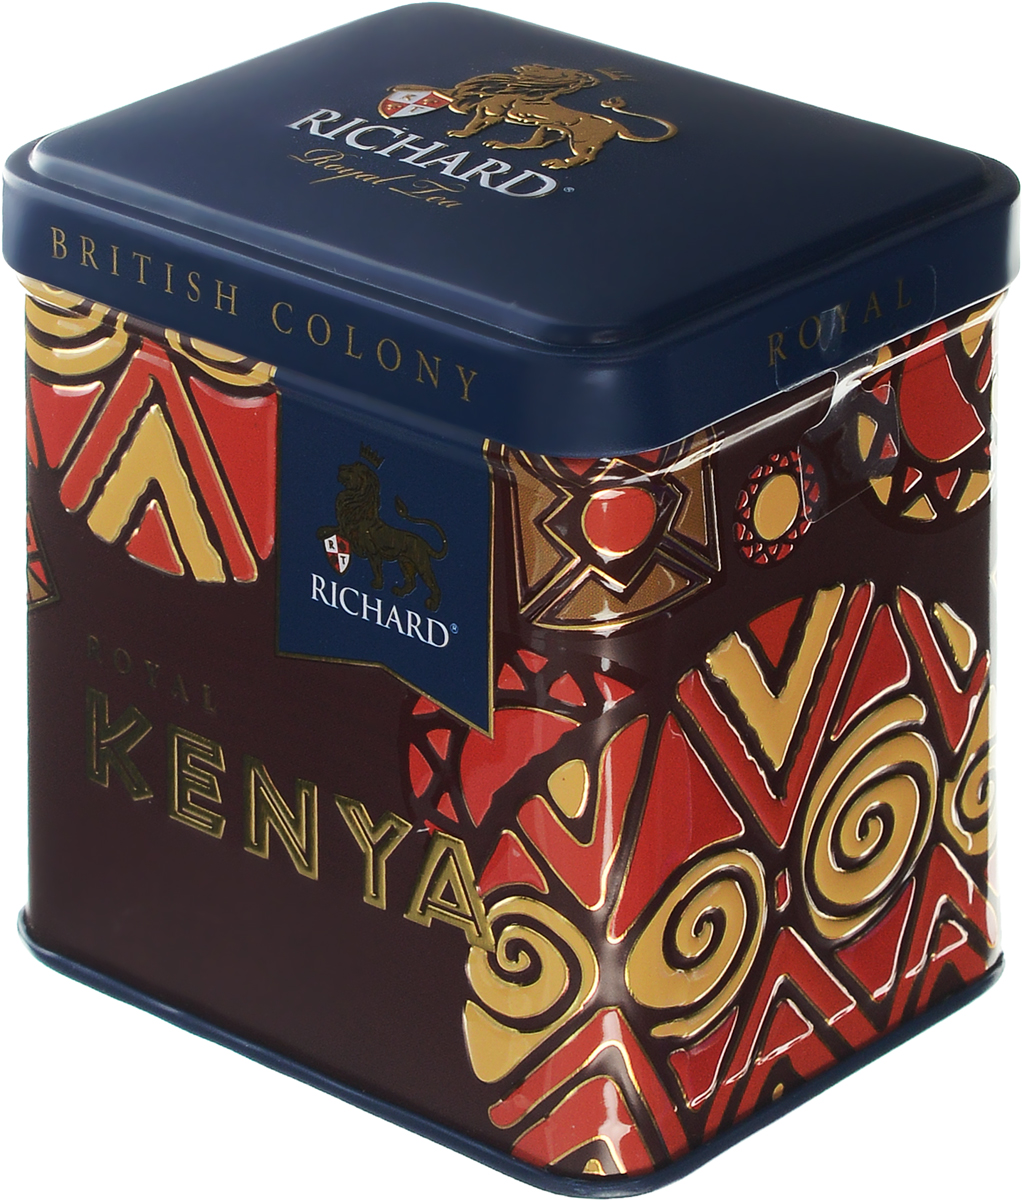 Richard British Colony Royal Kenya черный листовой чай, 50 г